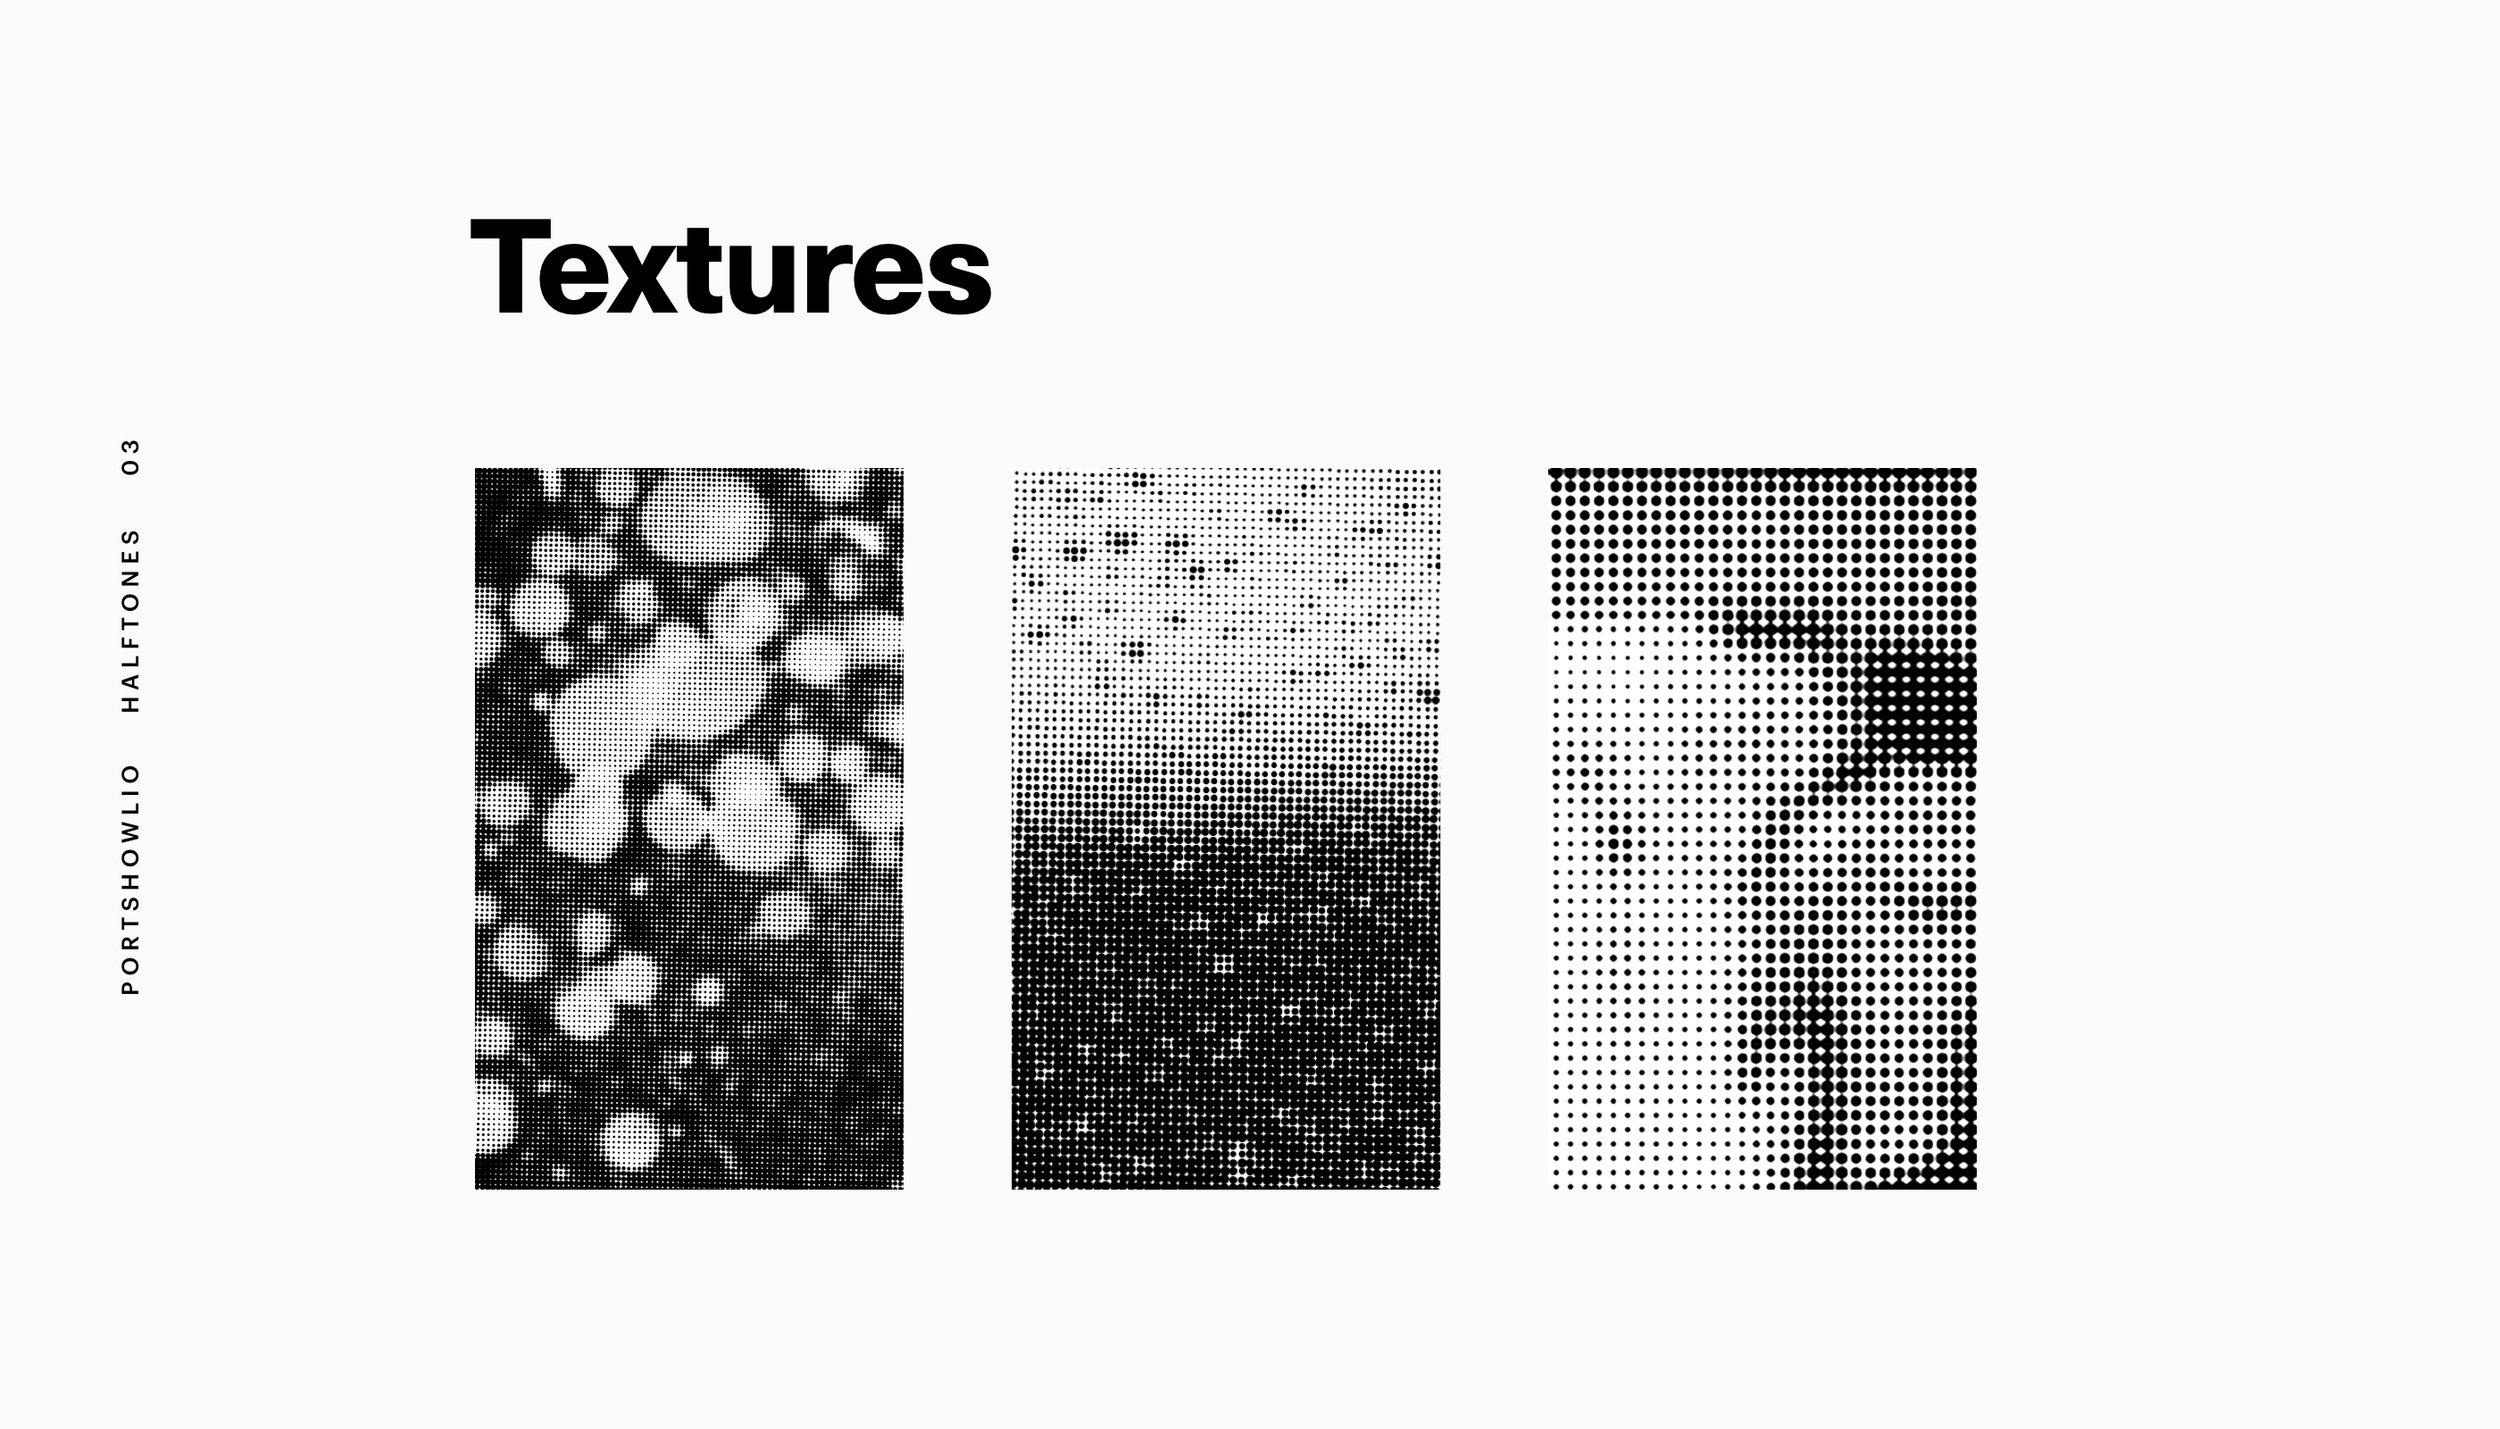 McKennaNicole_Portshowlio_Textures_03.jpg